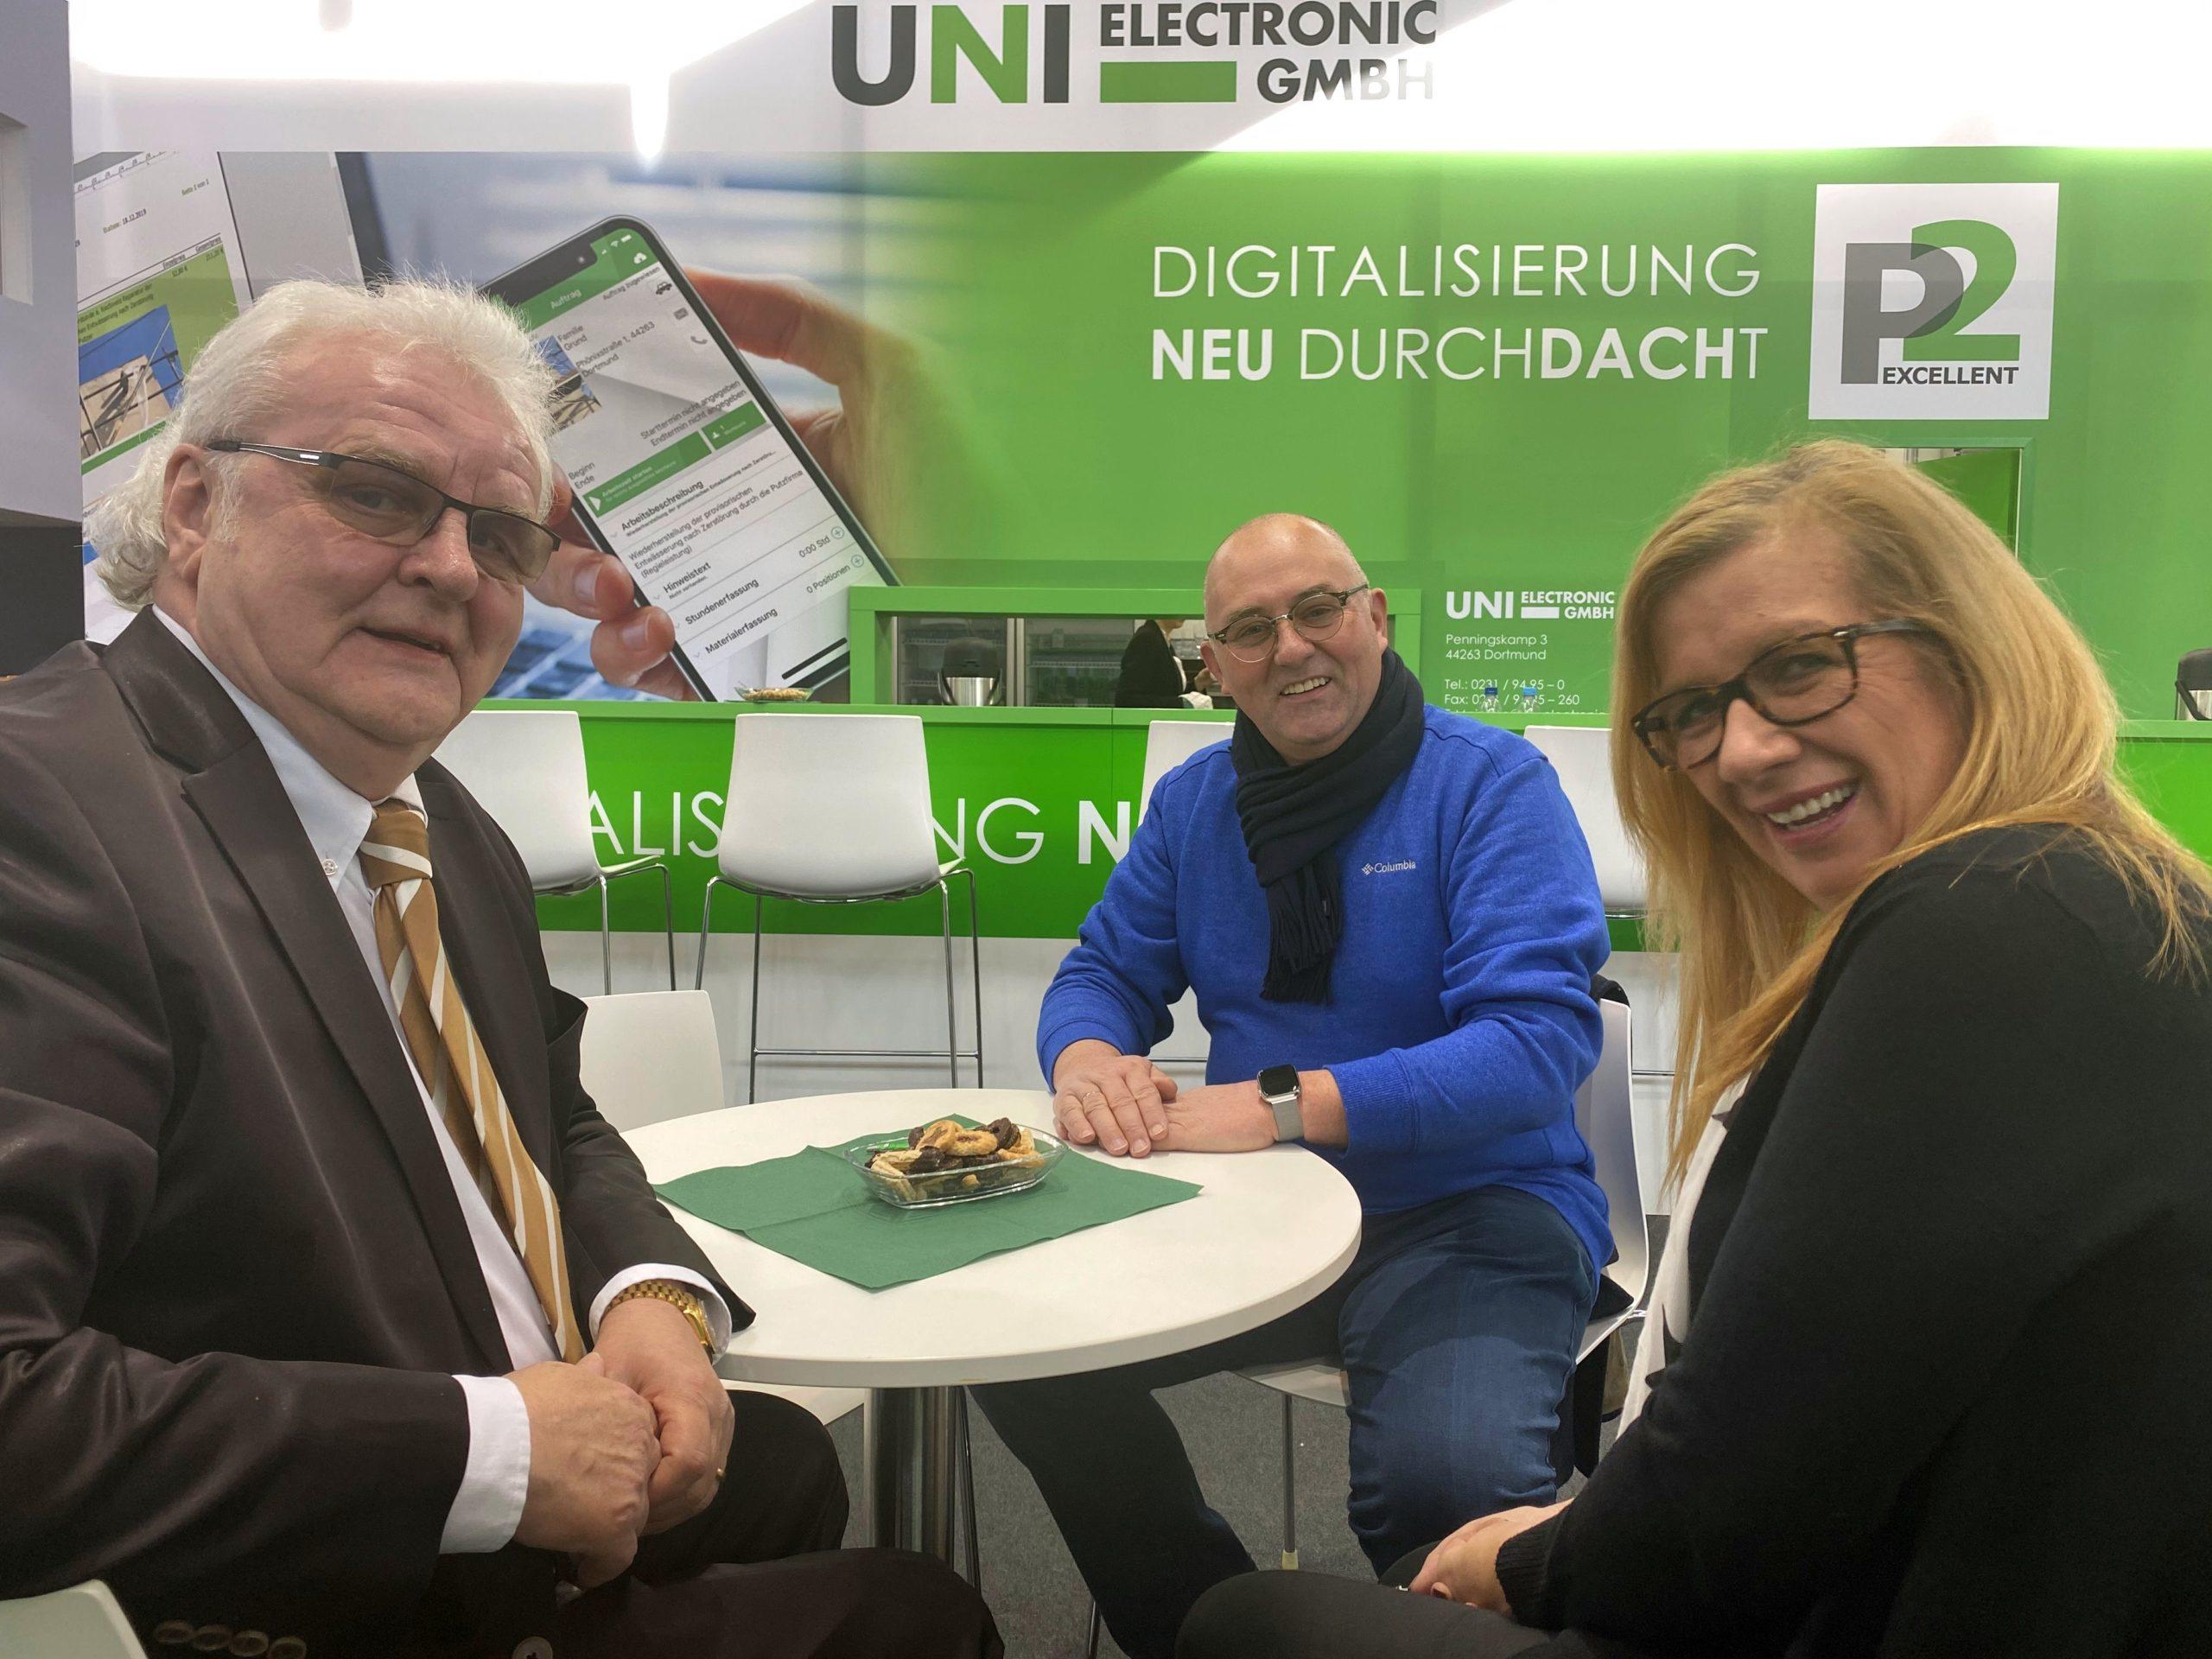 Unser Geschäftsführer Richard Soika (links) mit Dachdecker Peters aus Düsseldorf und seiner Ehefrau